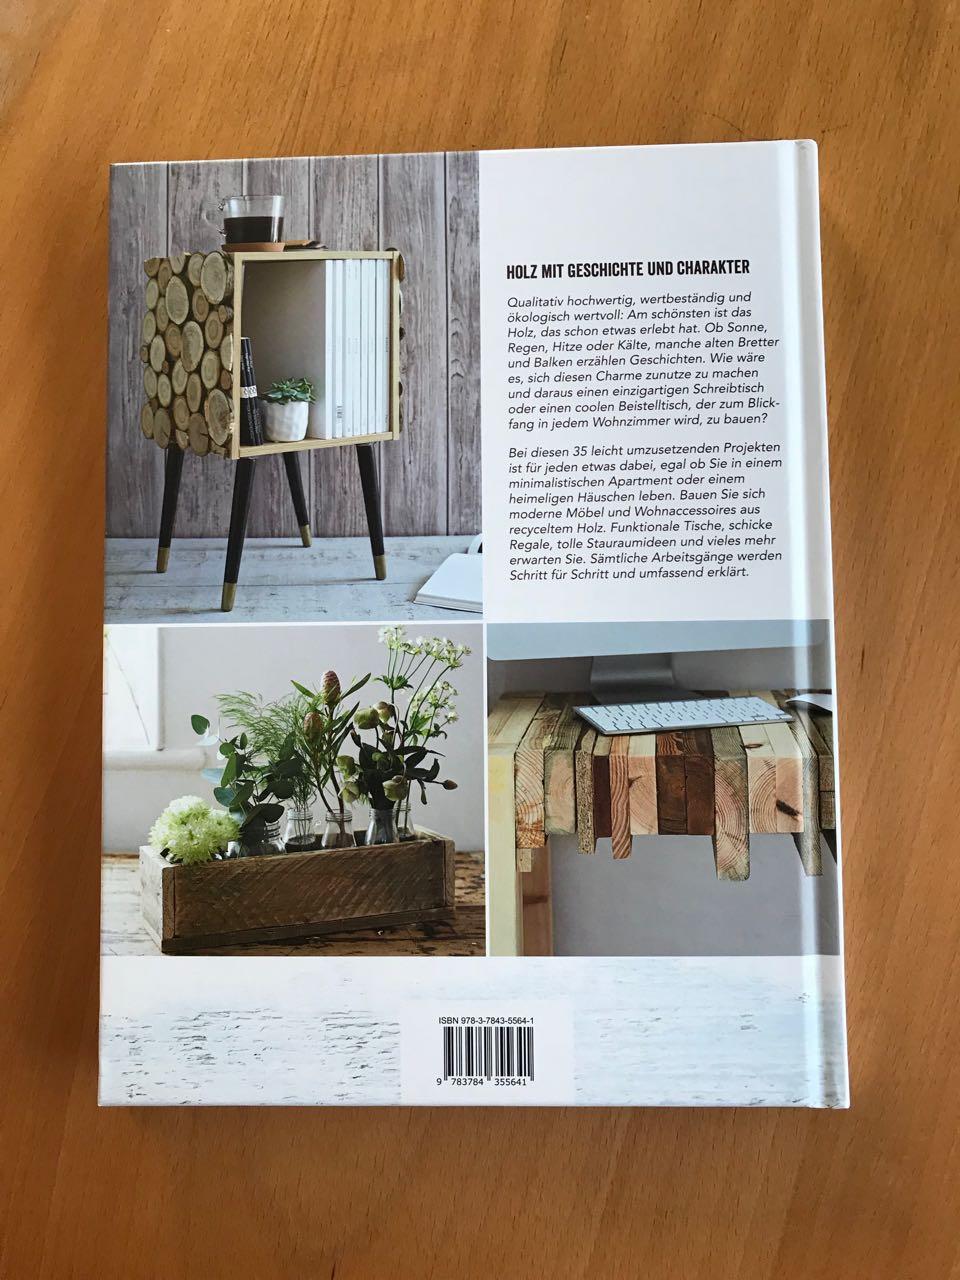 buchbesprechung altes holz f r neues wohnen holz und leim. Black Bedroom Furniture Sets. Home Design Ideas